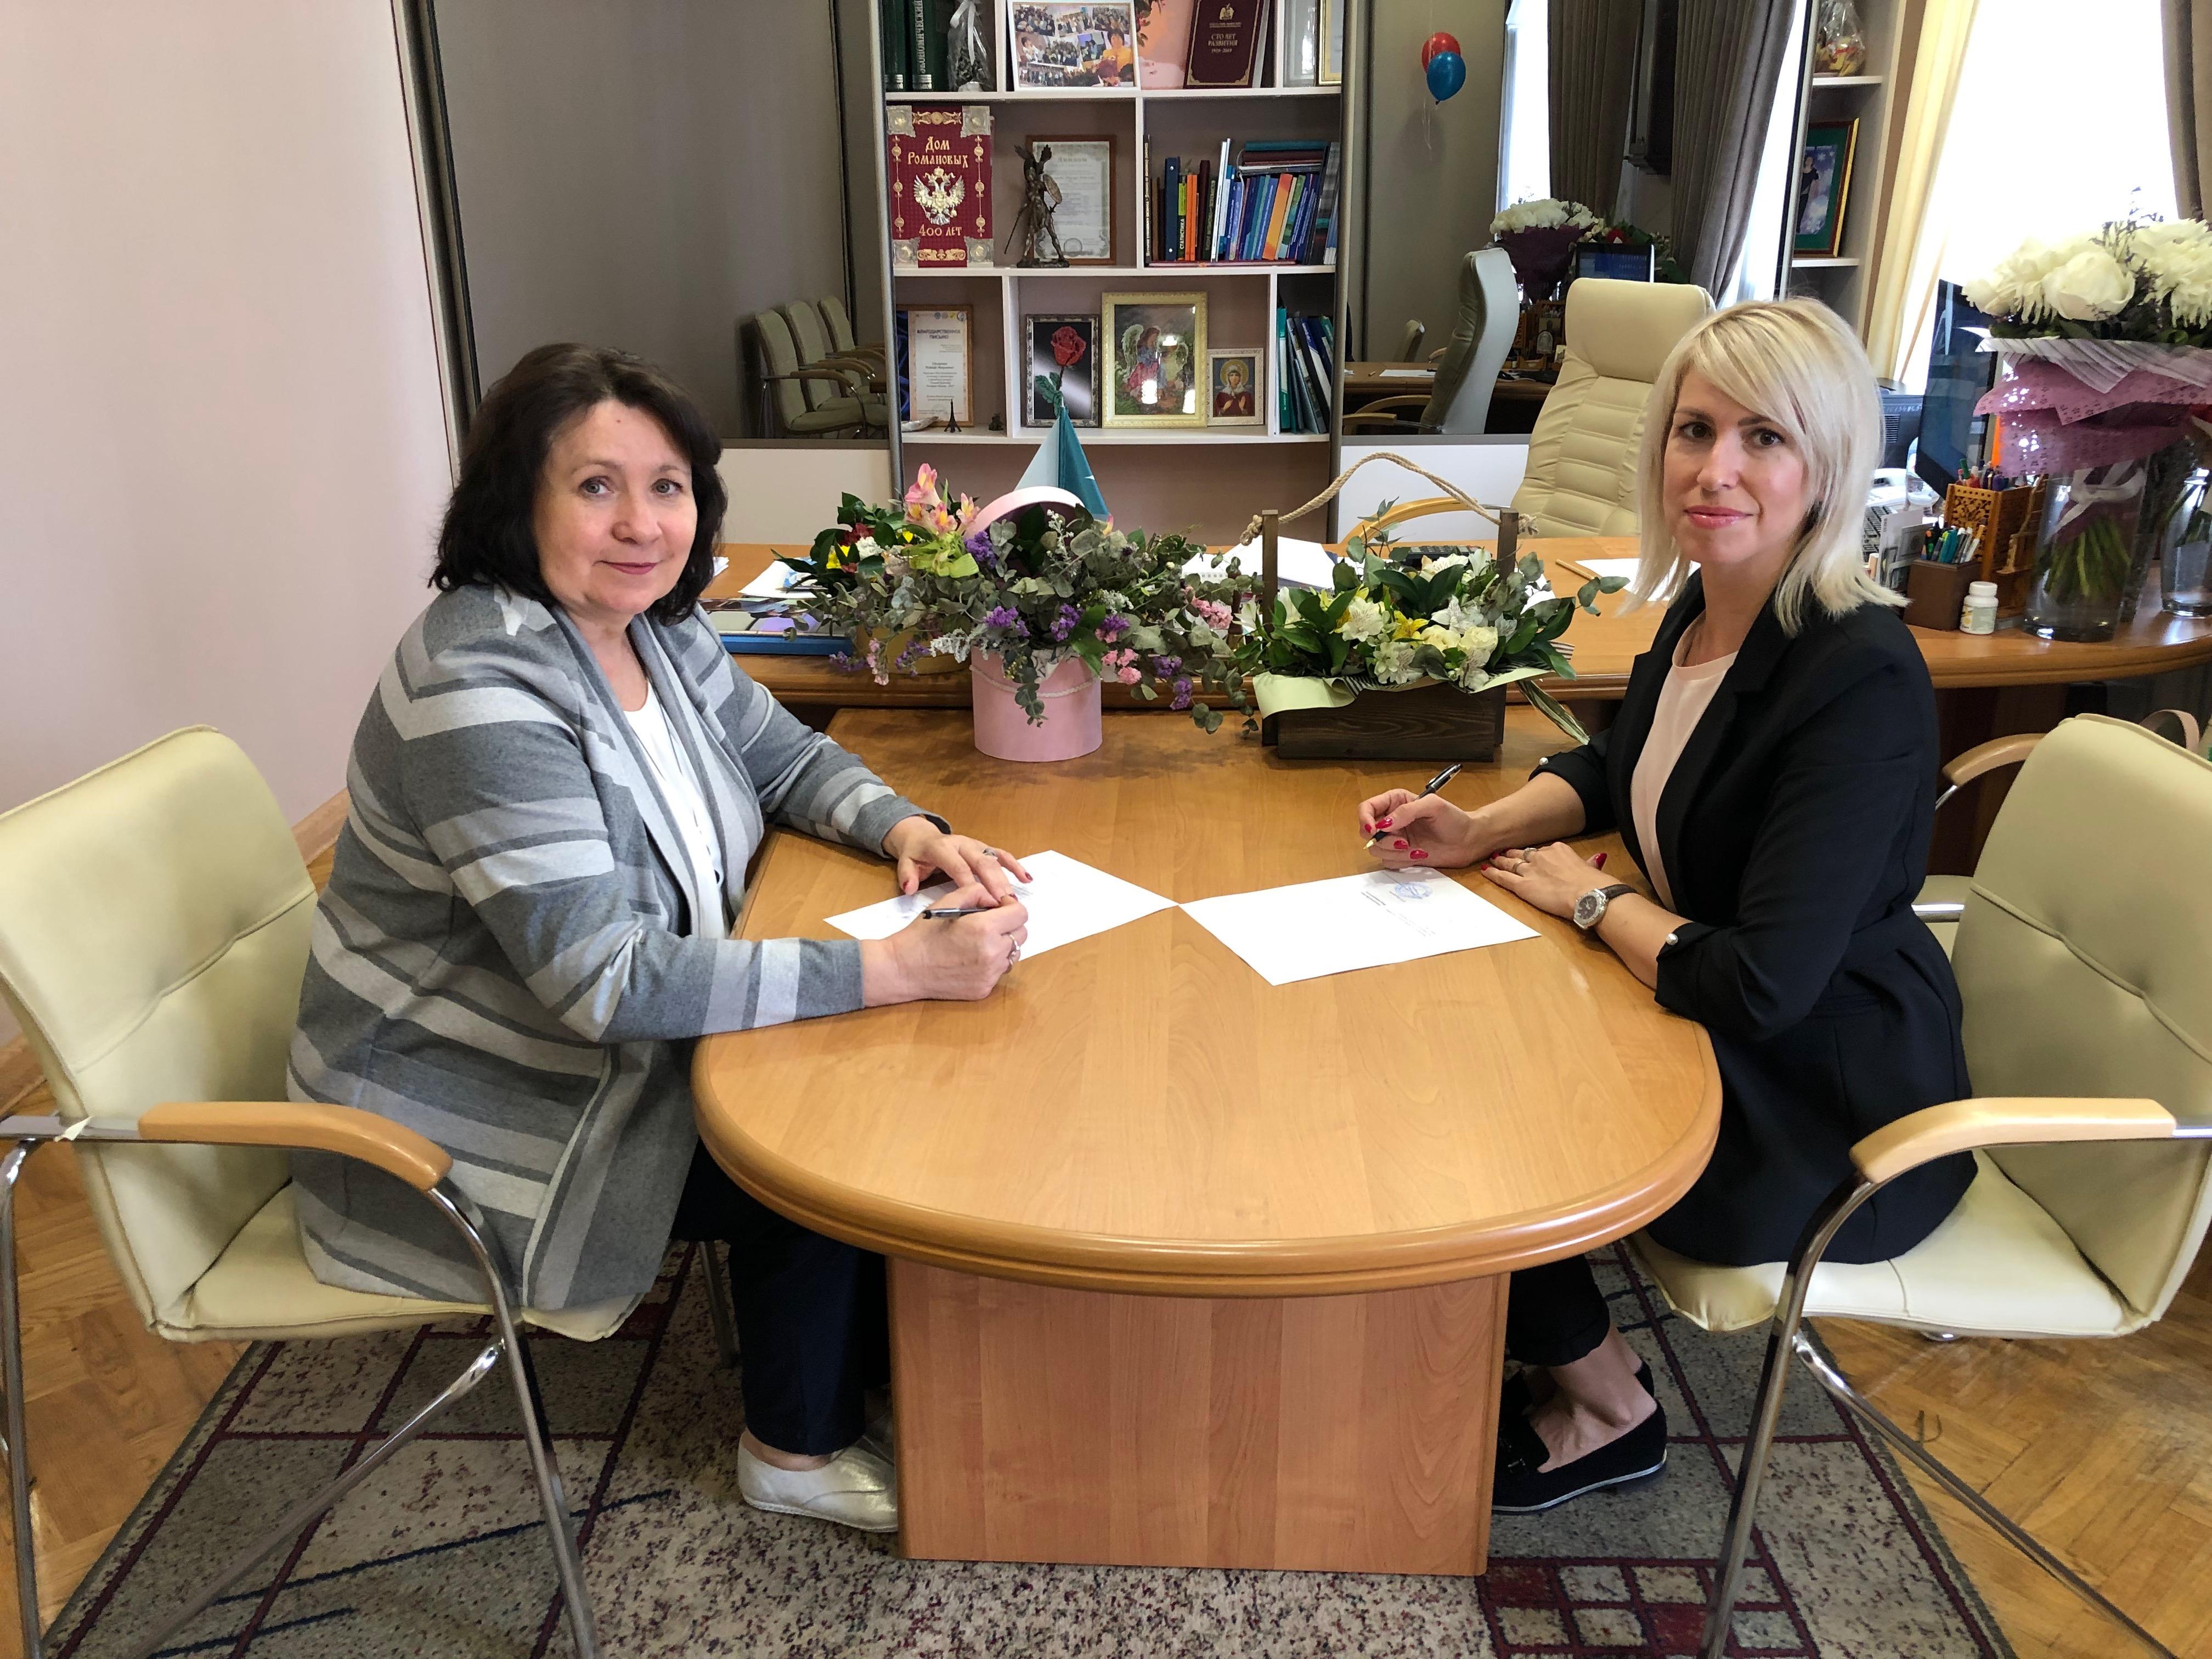 Липецкое региональное отделение Российского экологического общества и Липецкий филиал Финансового университета подписали соглашение о сотрудничестве